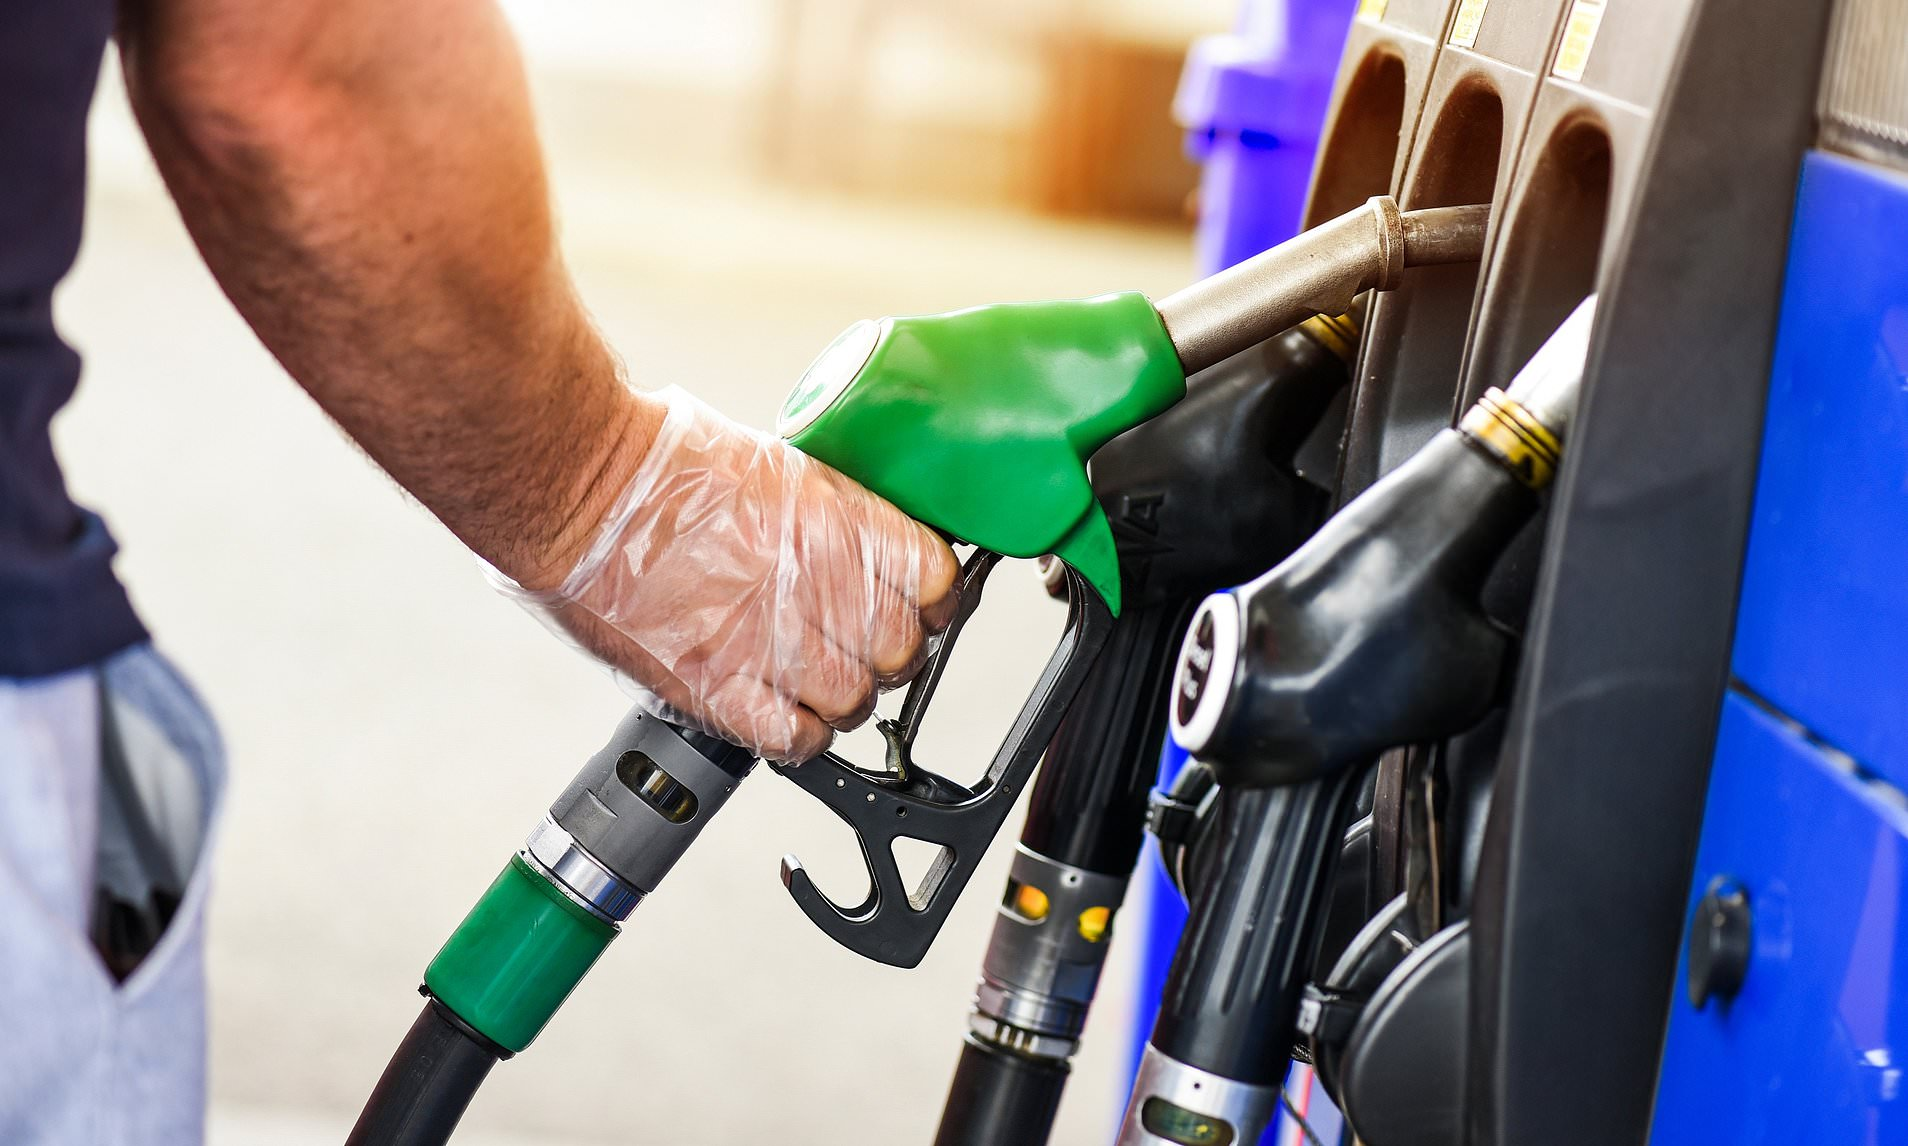 Giá xăng dầu hôm nay 29/7: Giảm trở lại sau khi dầu Brent tiến sát ngưỡng 75 USD/thùng